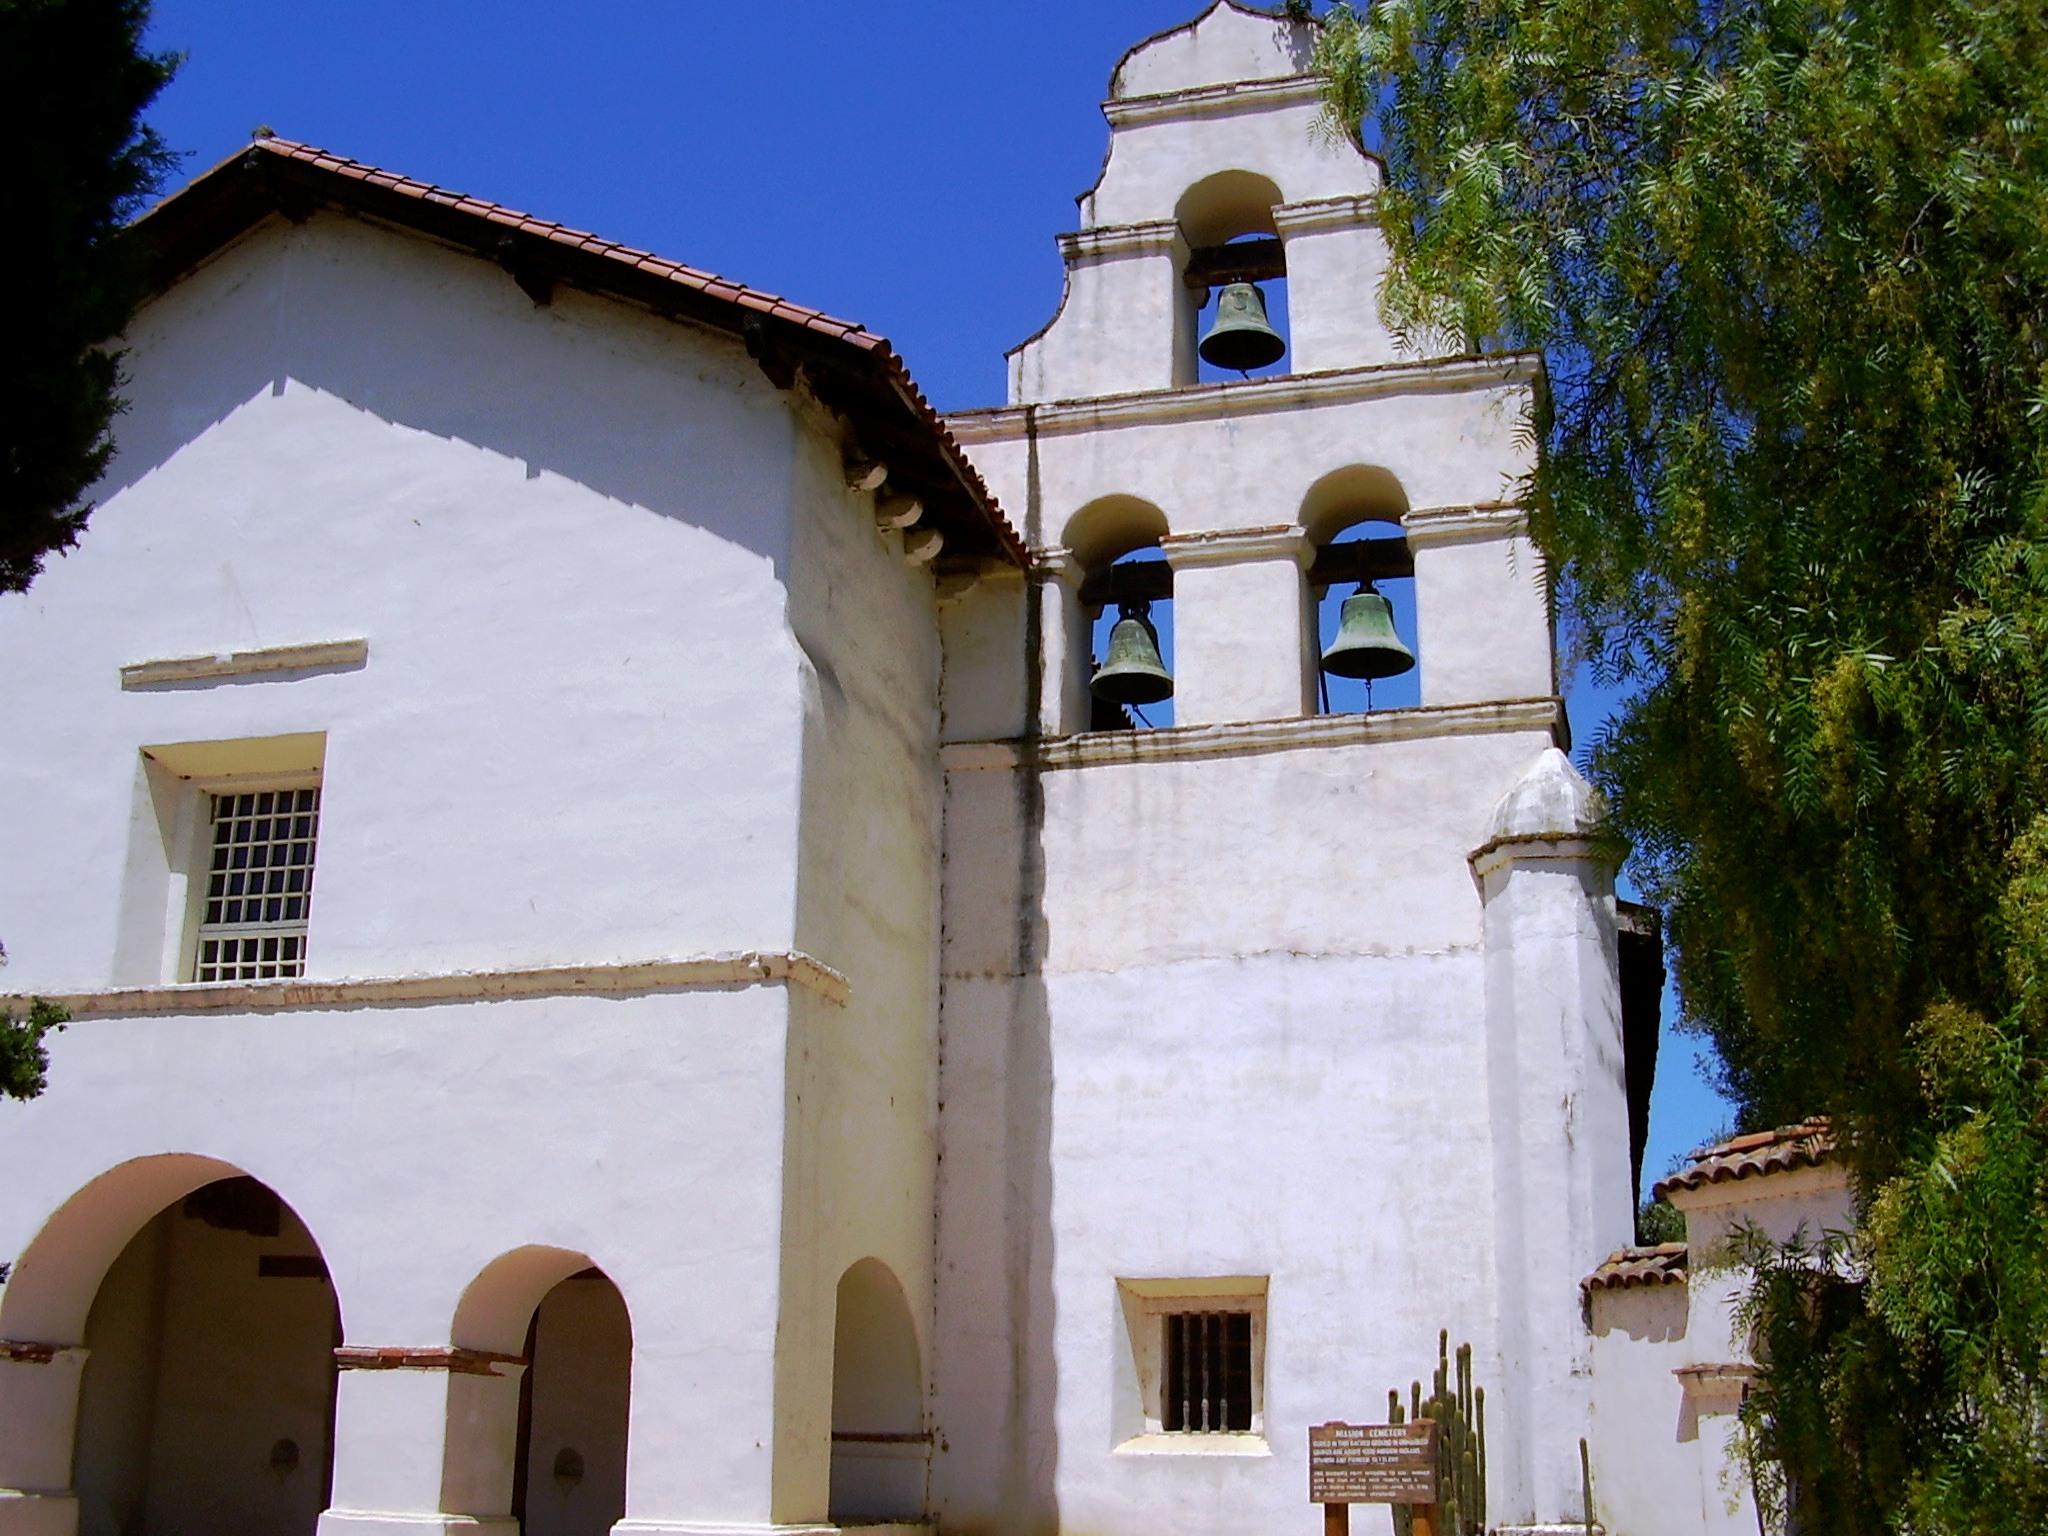 San Juan Bautista (Californie)